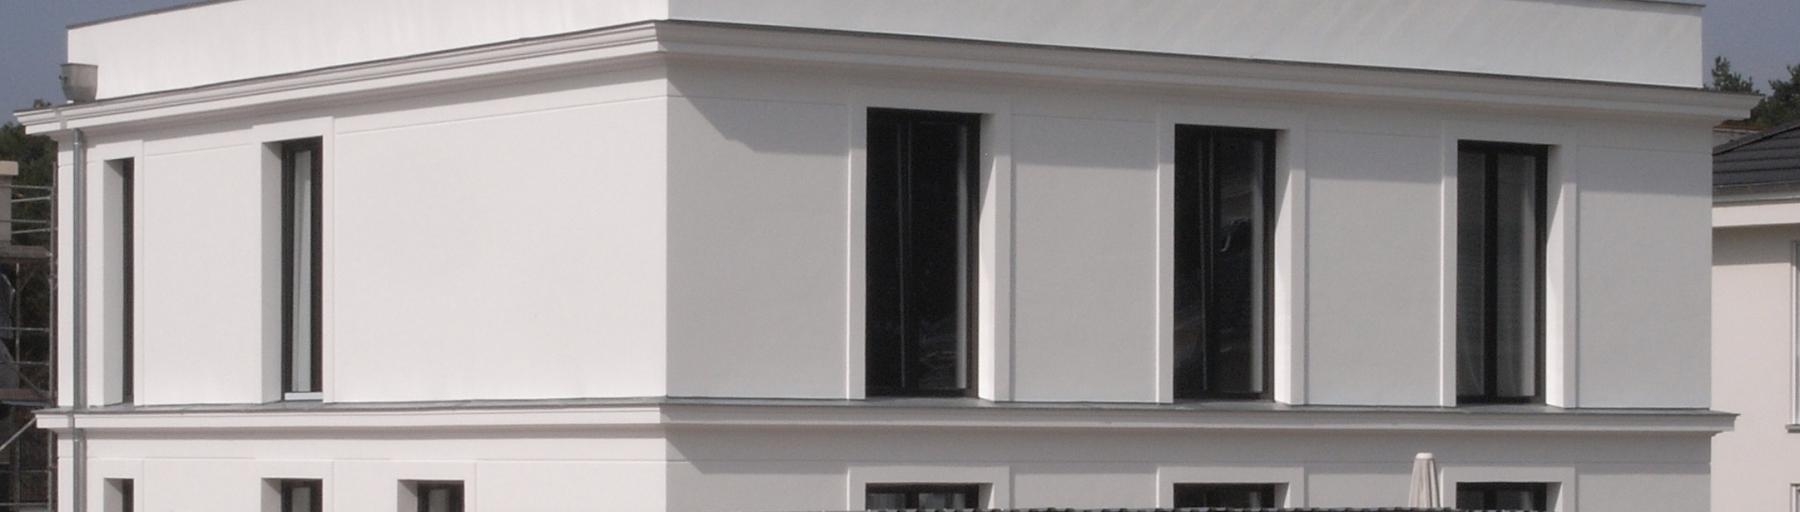 Haus Weiß | 2011